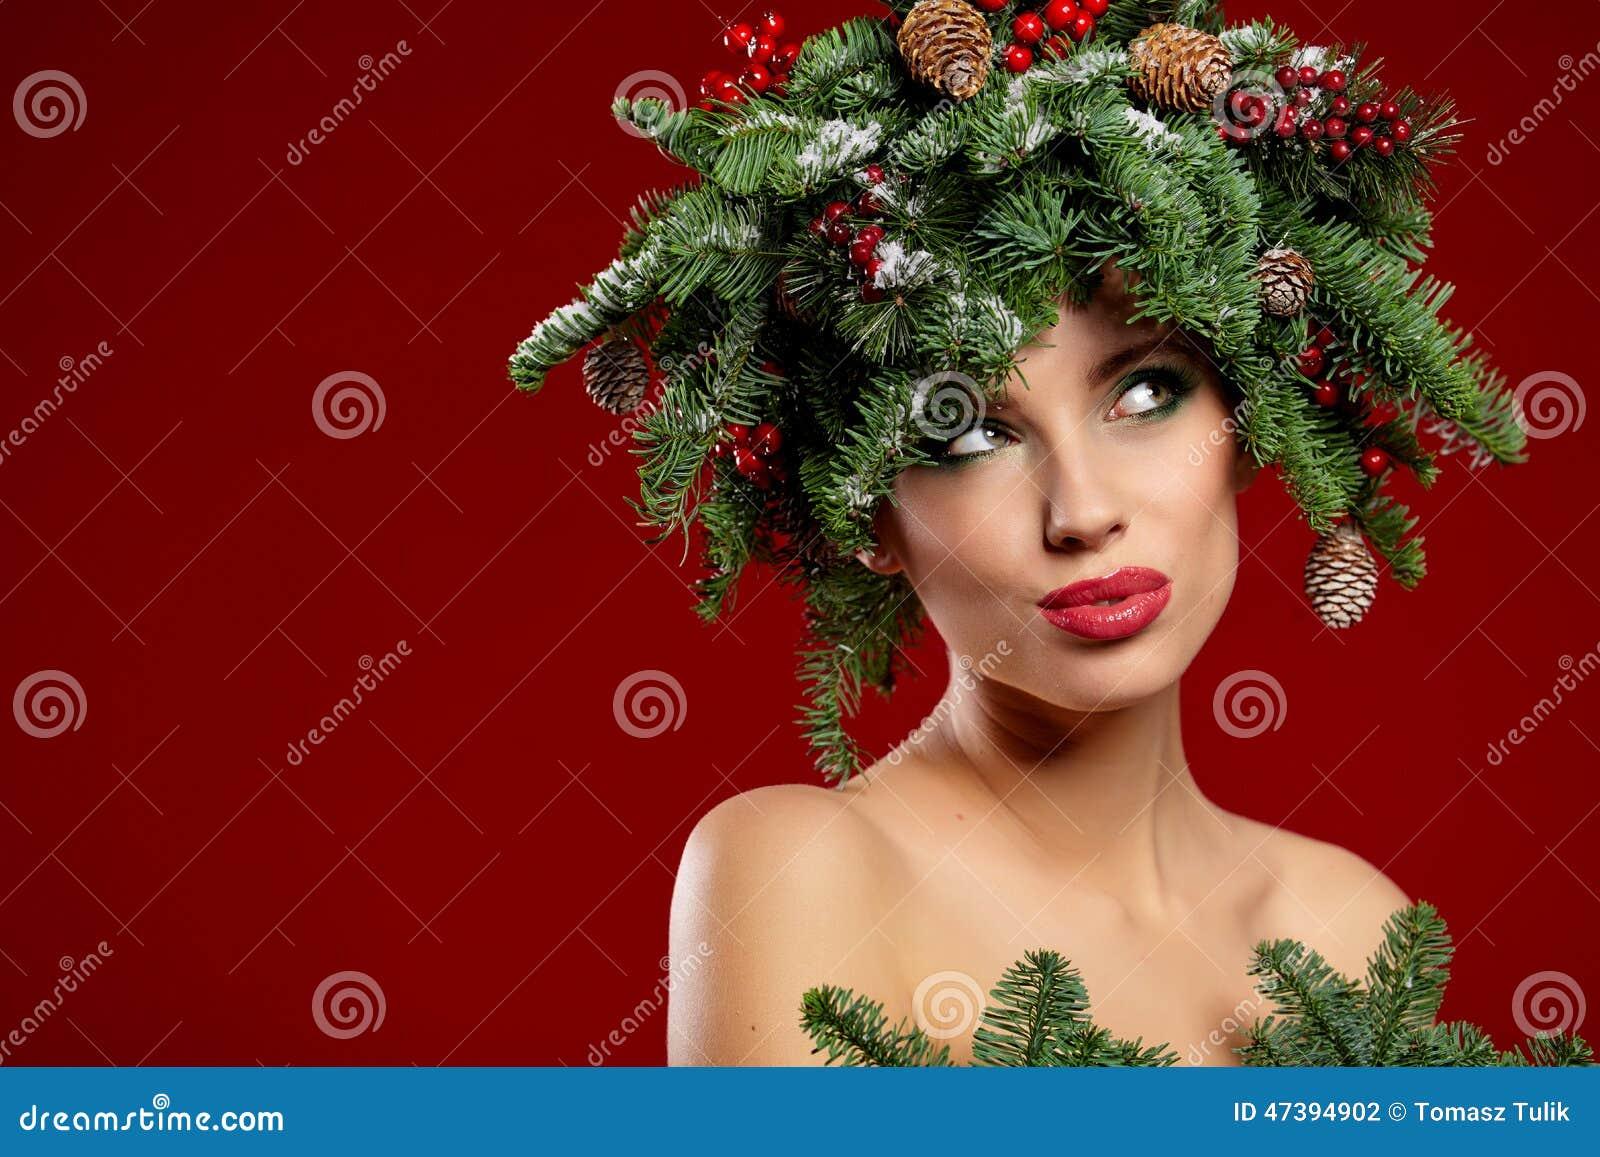 Schone Neues Jahr Und Weihnachtsbaum Feiertags Frisur Stockfoto